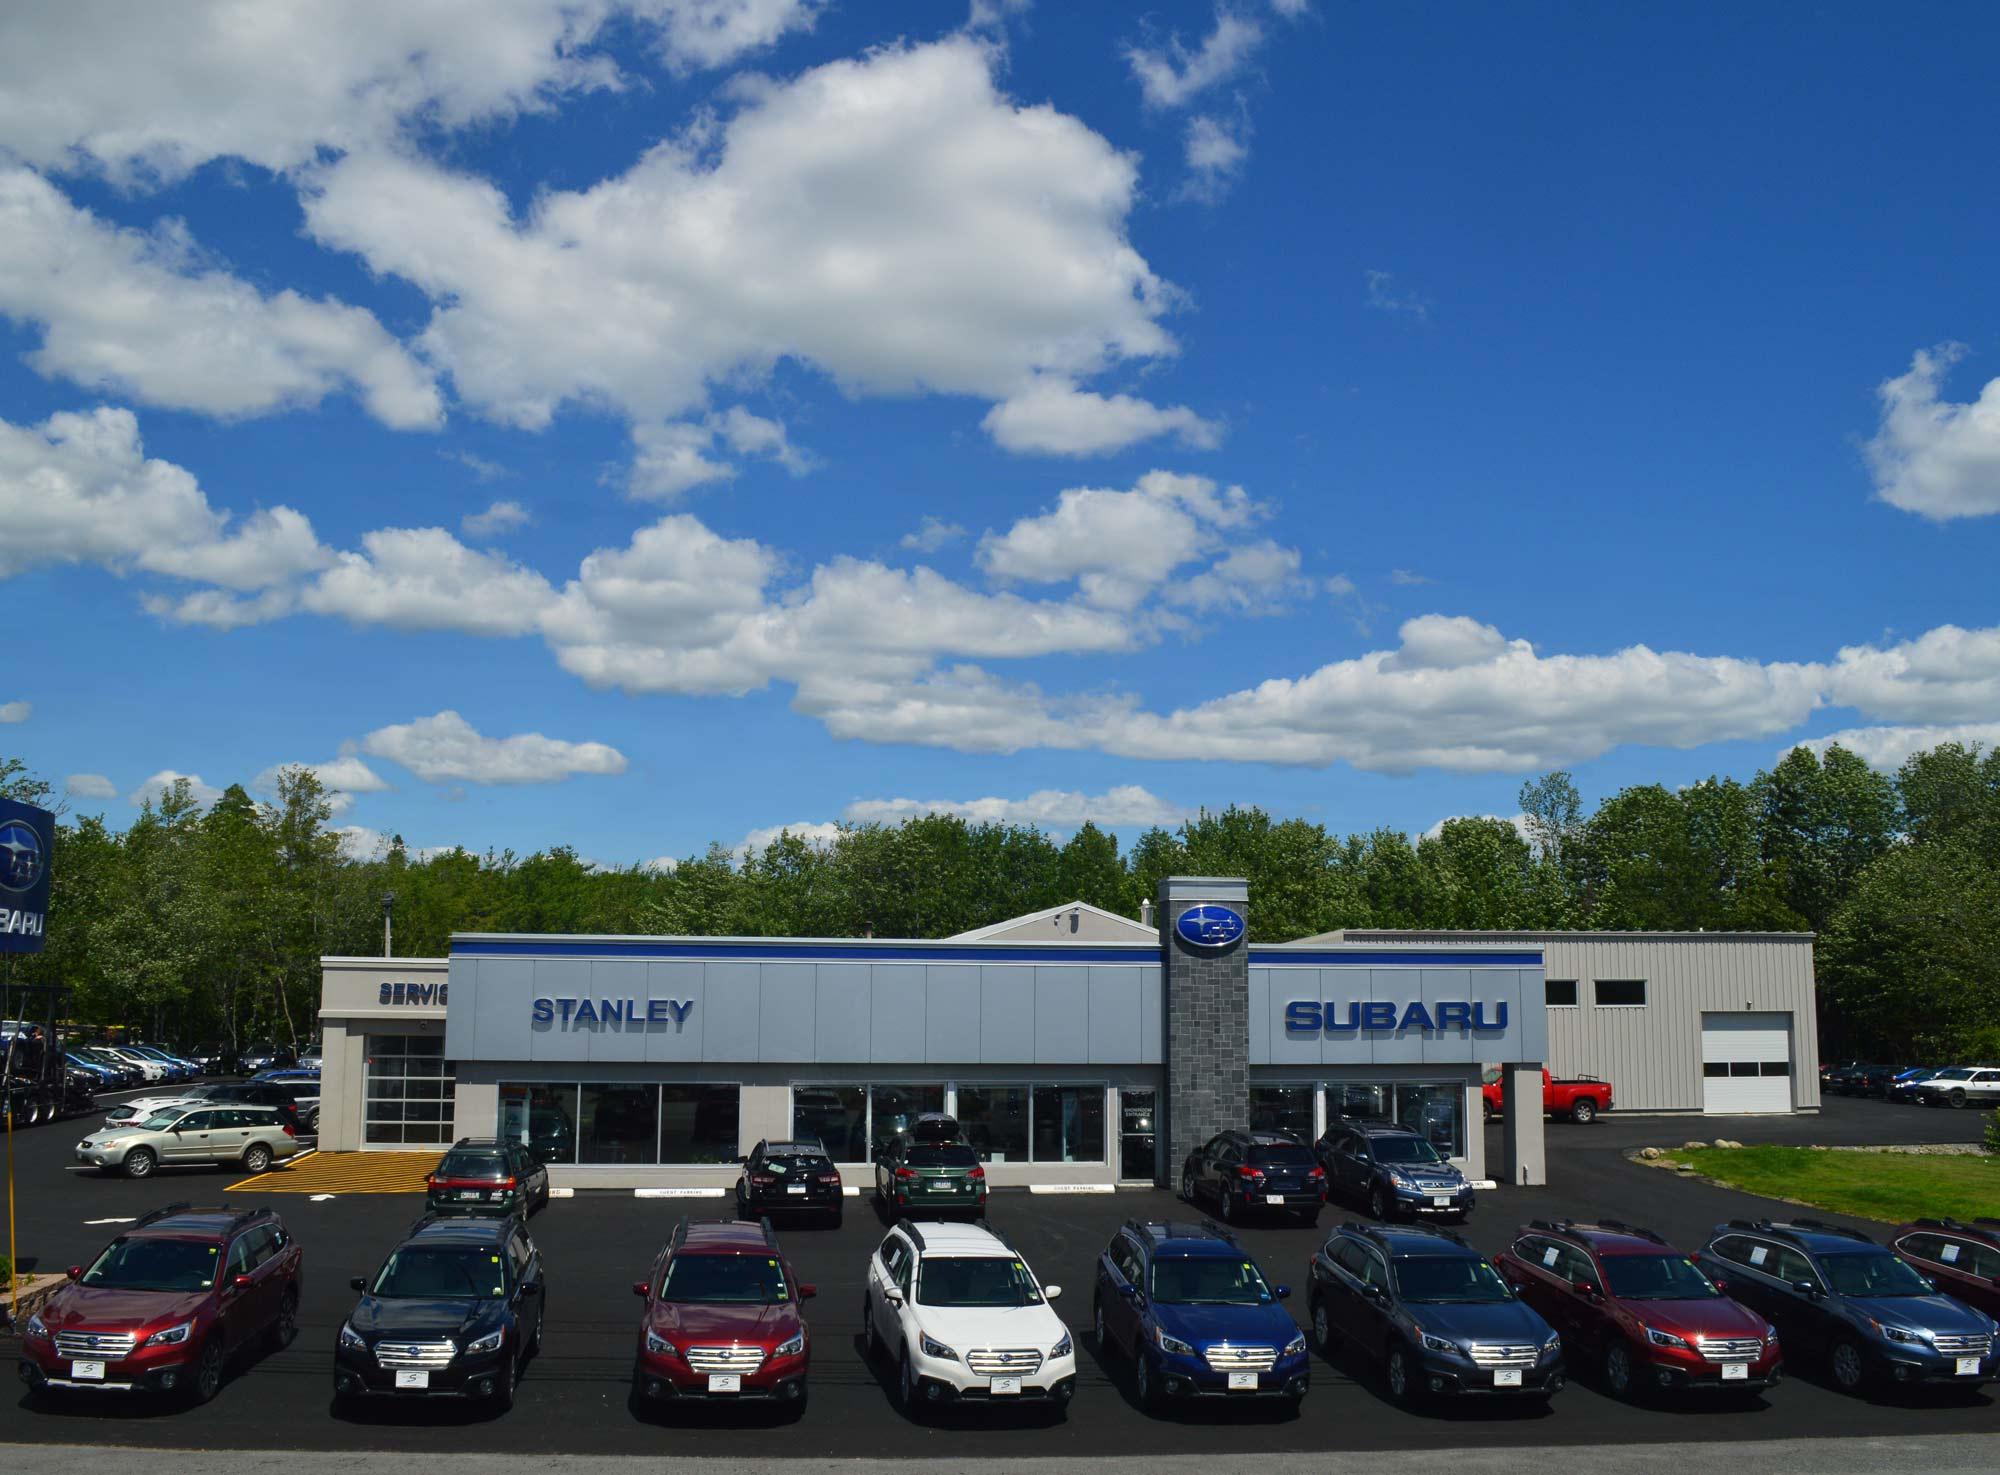 Subaru Dealers Near Me >> Stanley Subaru: Subaru Dealership Ellsworth ME | Near Bangor